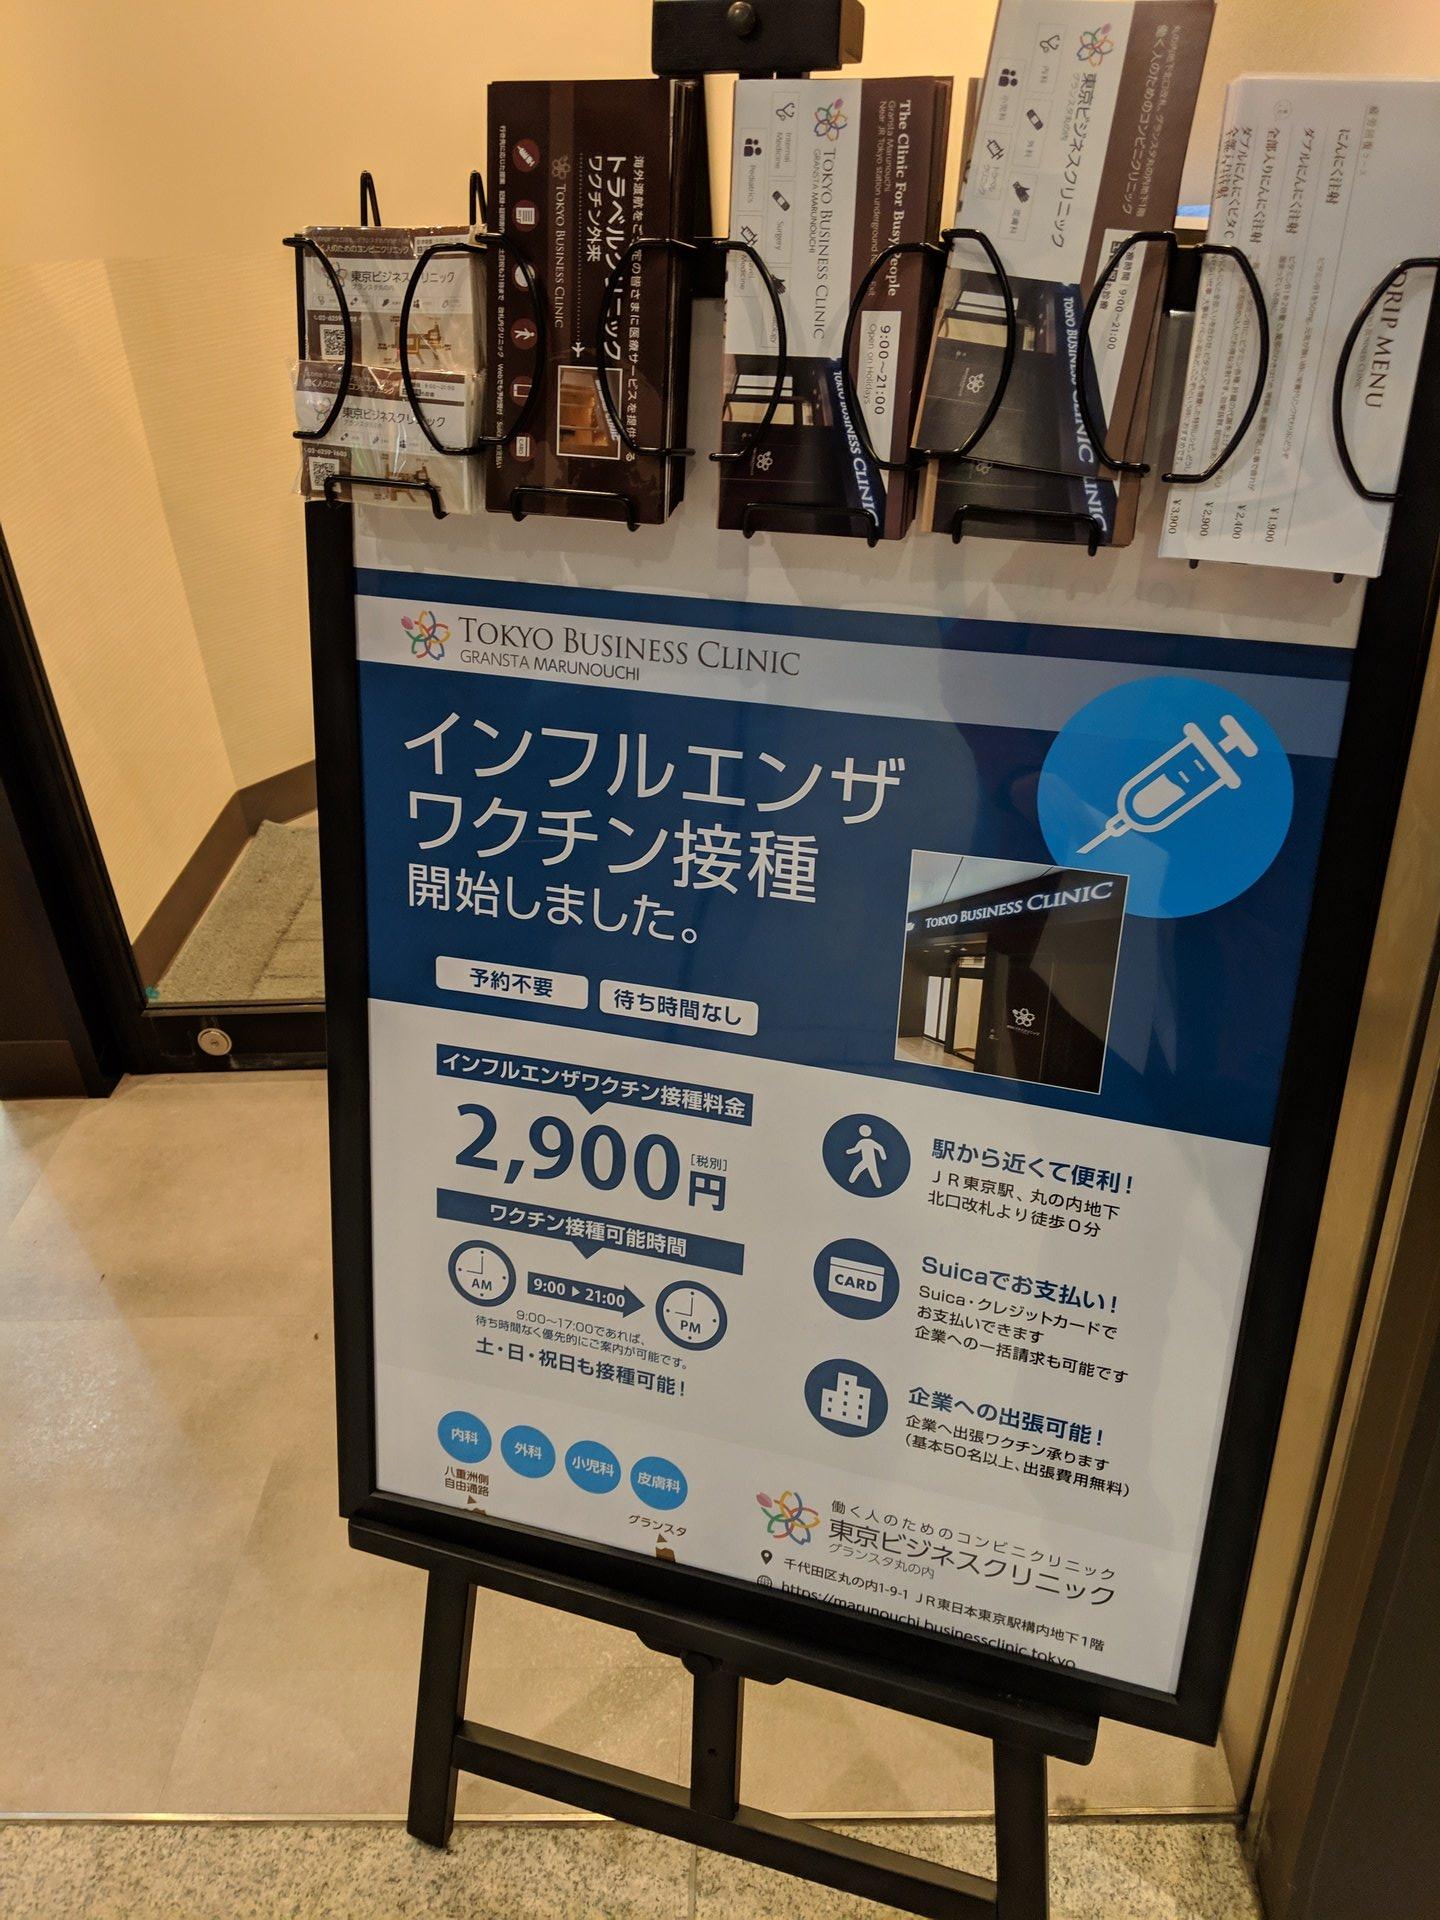 東京駅の待たずにインフルエンザ予防接種受けれる東京ビジネスクリニック ふと気がついて受付で確認したら自費診療だけど予約無しで麻しん風しん混合ワクチンも受けれると知り即接種 こういうの金額以上に受けれるタイミングや予約や下調べの手間が接種率下げてると思うのよね…